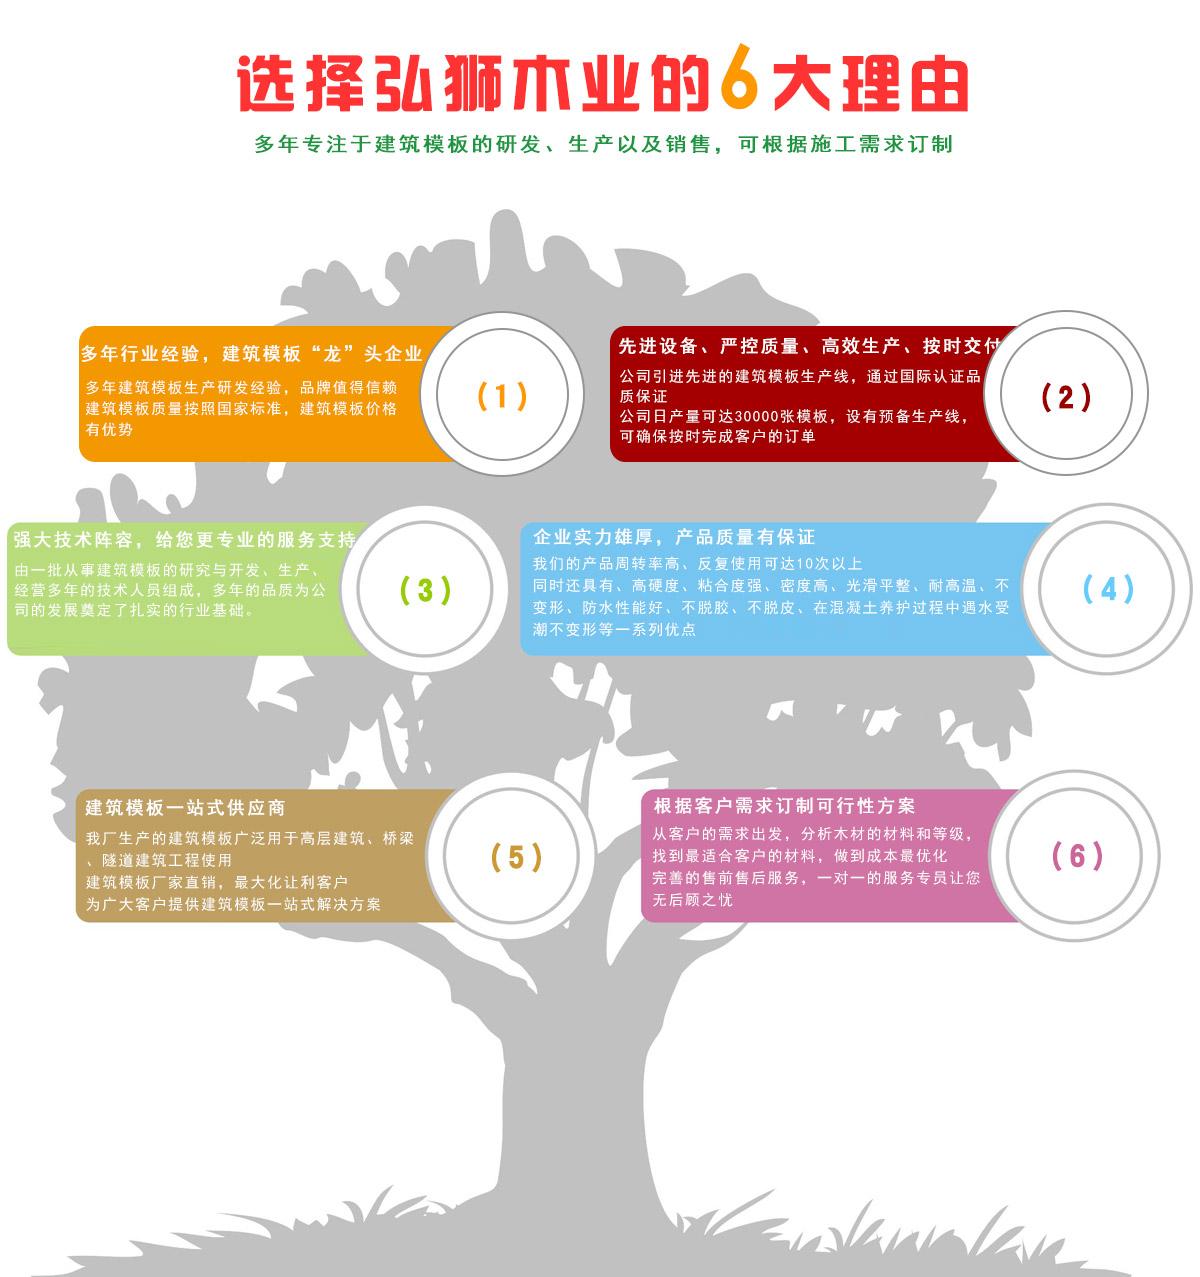 弘狮木业产品优势